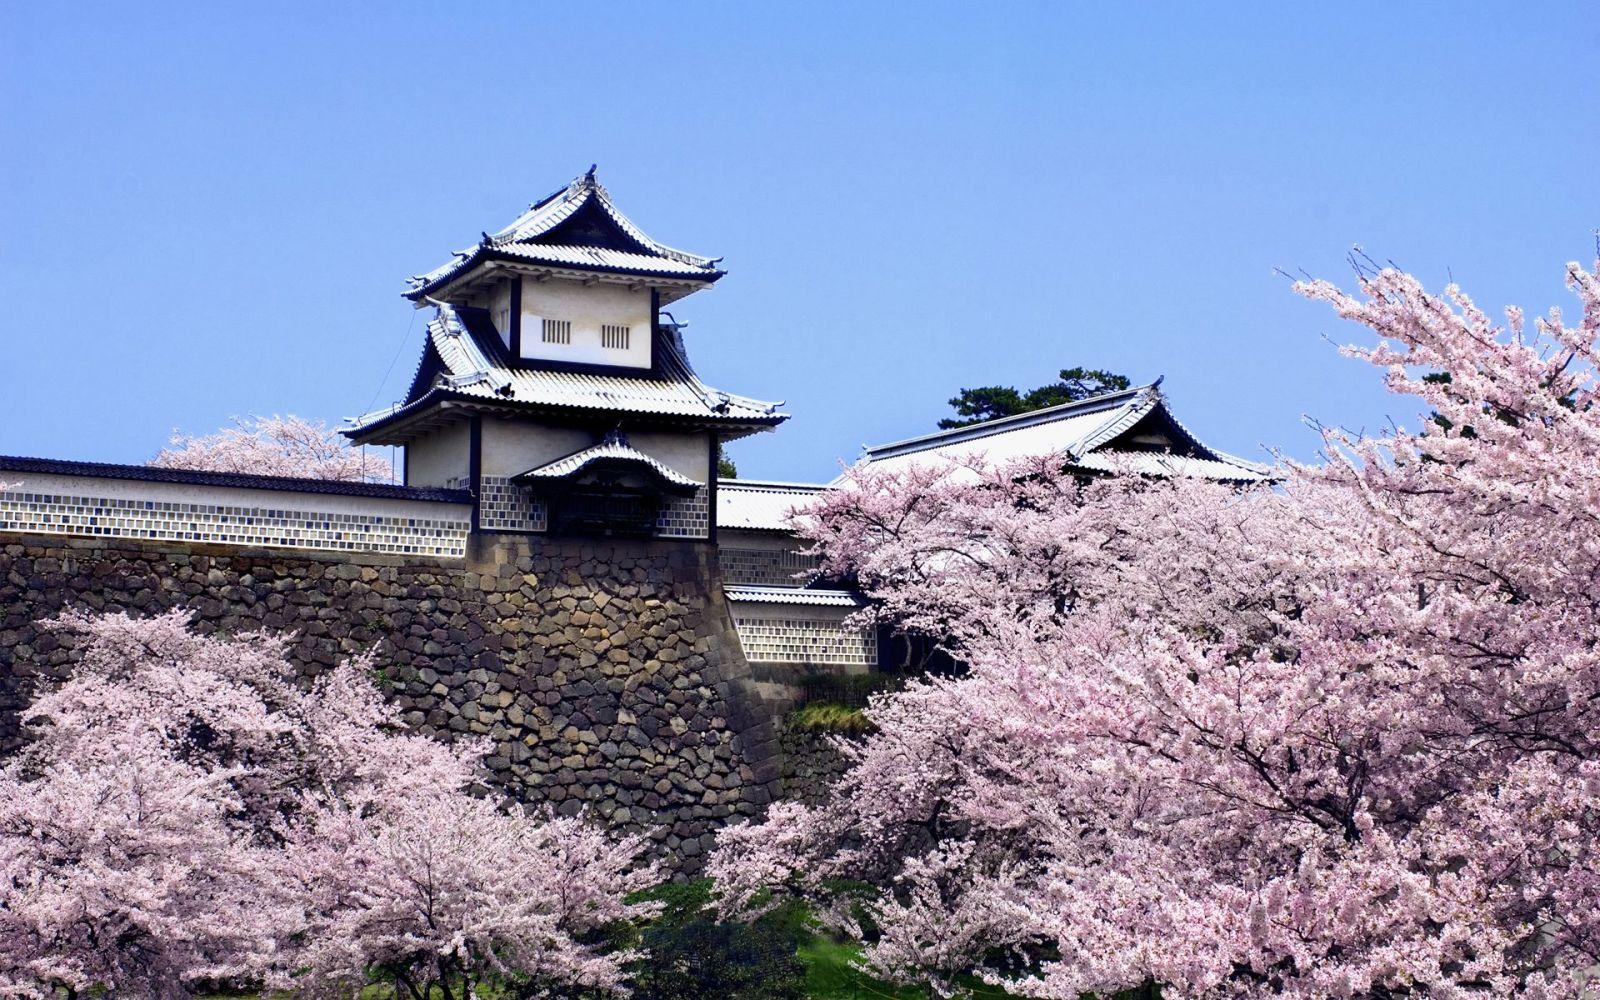 Nhật bản: Tokyo - Fukushima - Nikko